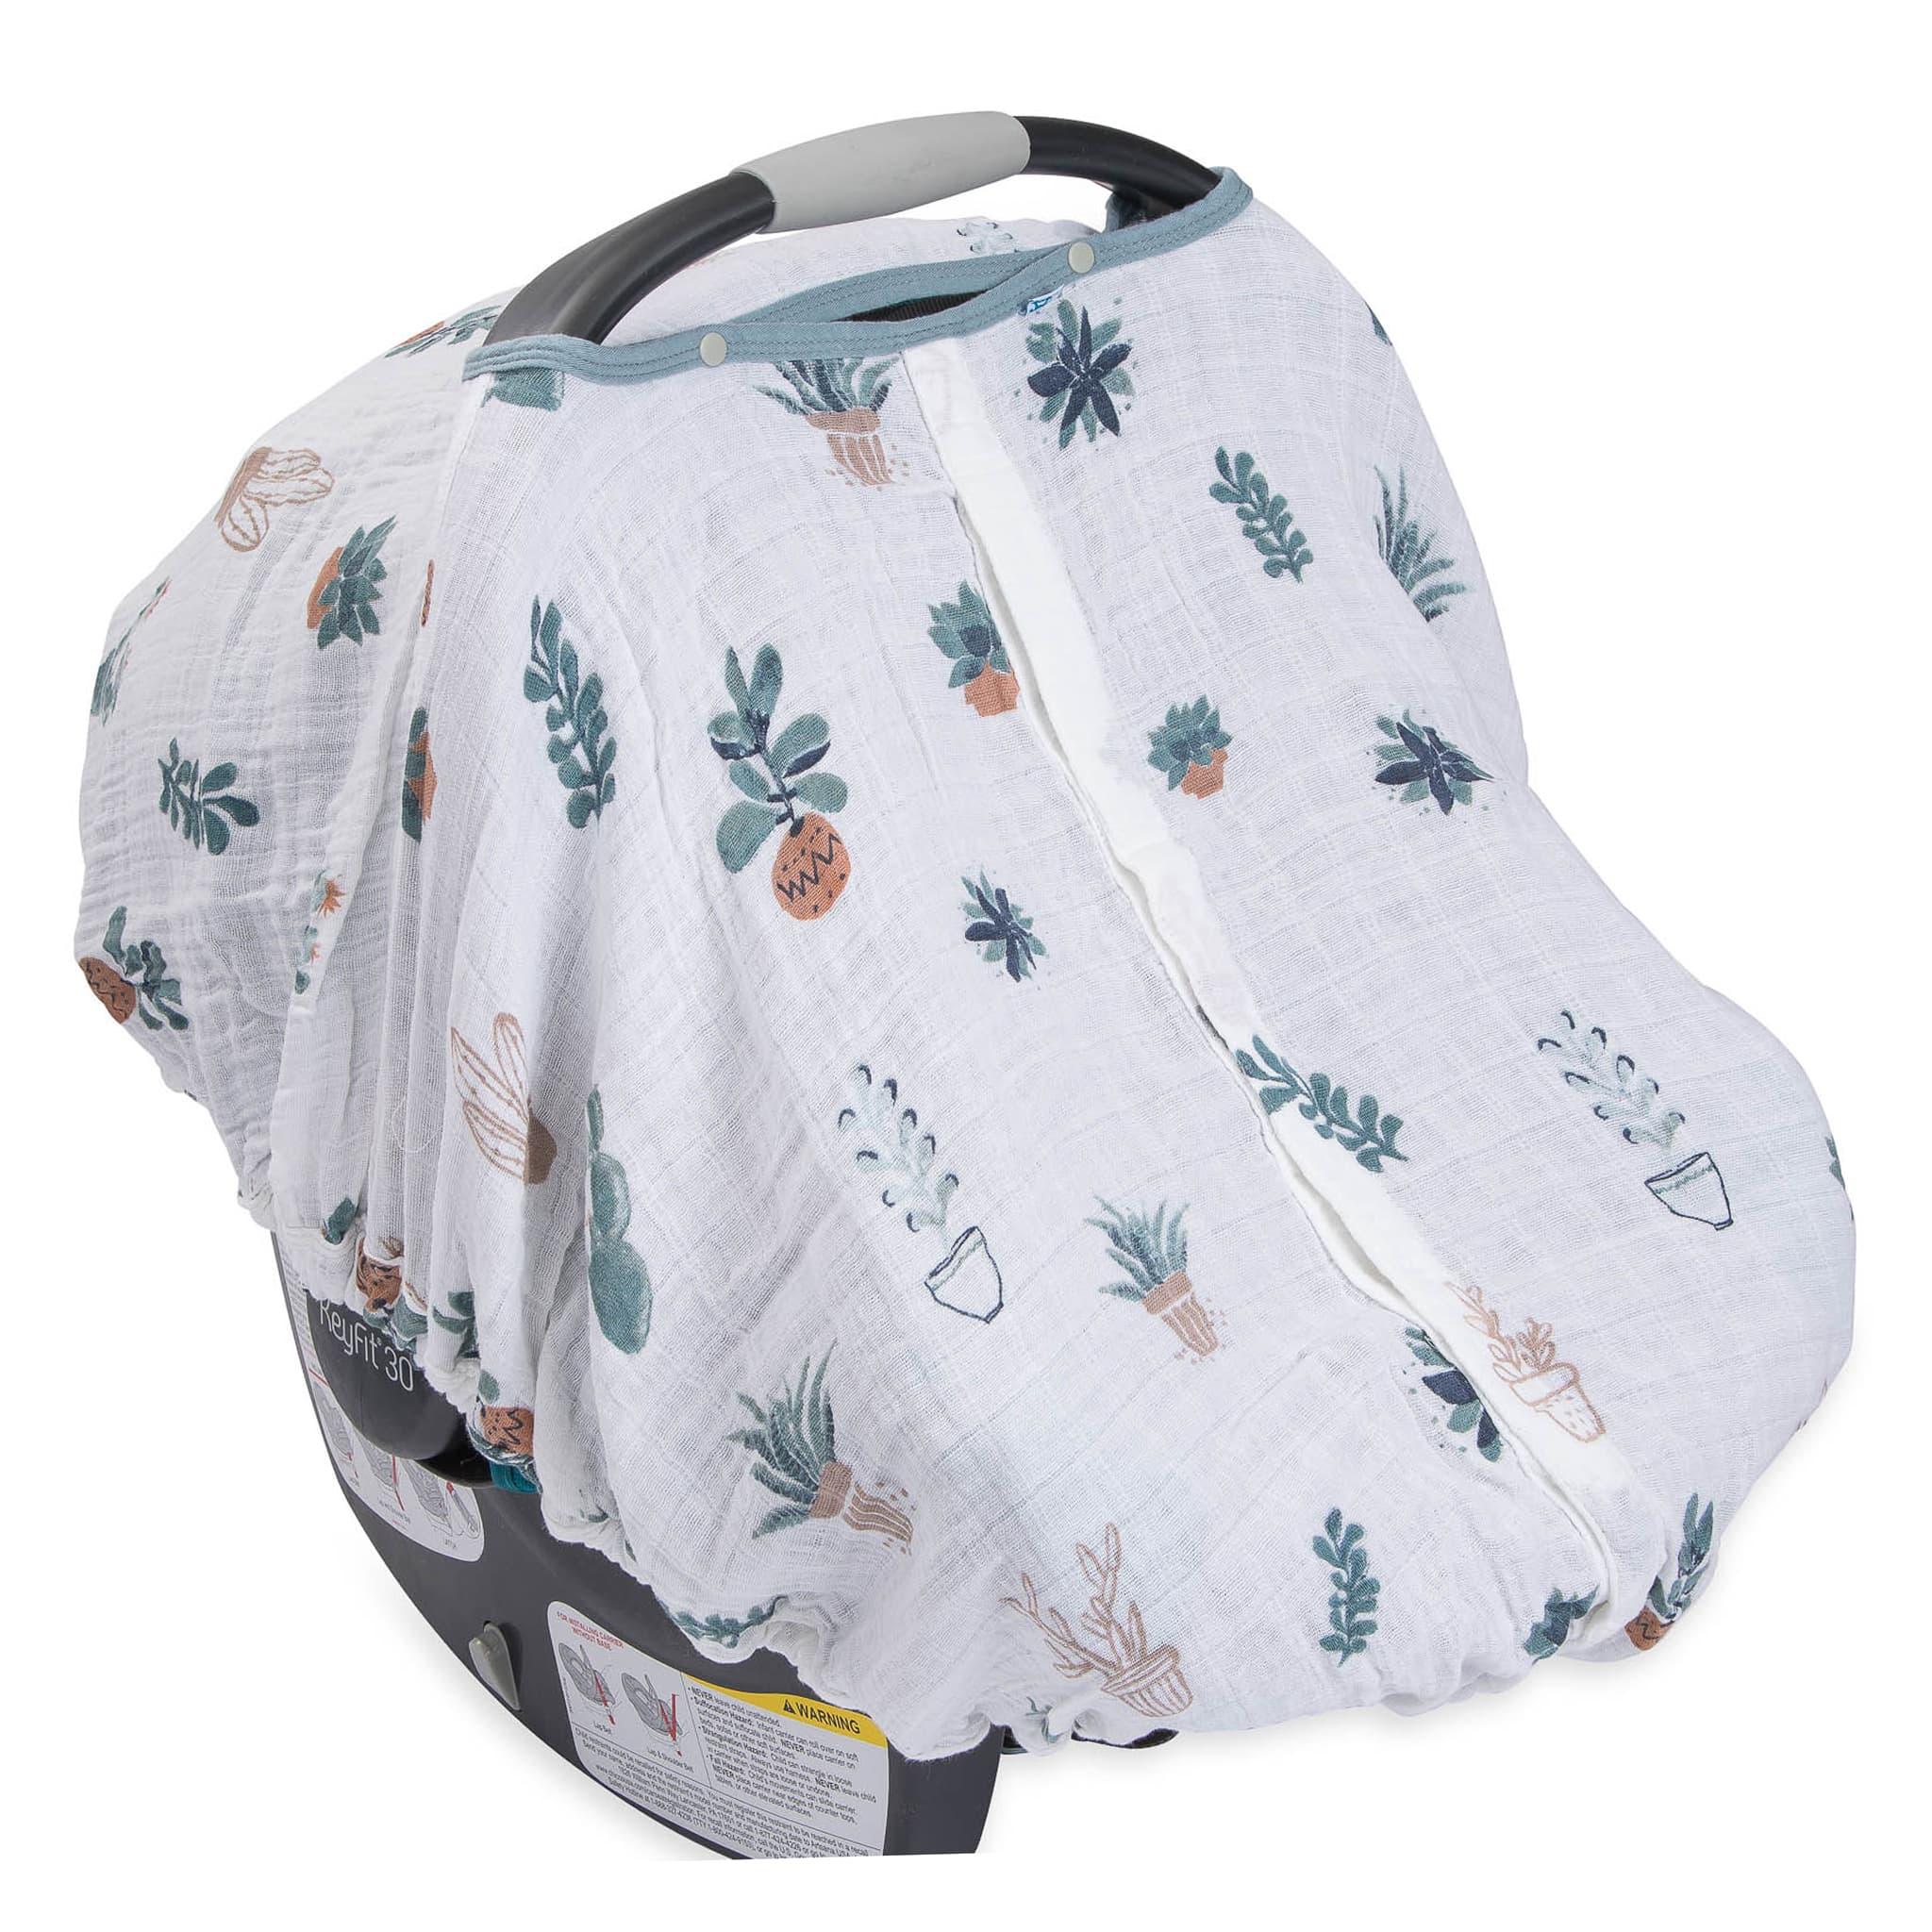 Car Seat Canopy Cactus Pots  sc 1 st  Clément & Little Unicorn Car Seat Canopy Cactus Pots - Clement